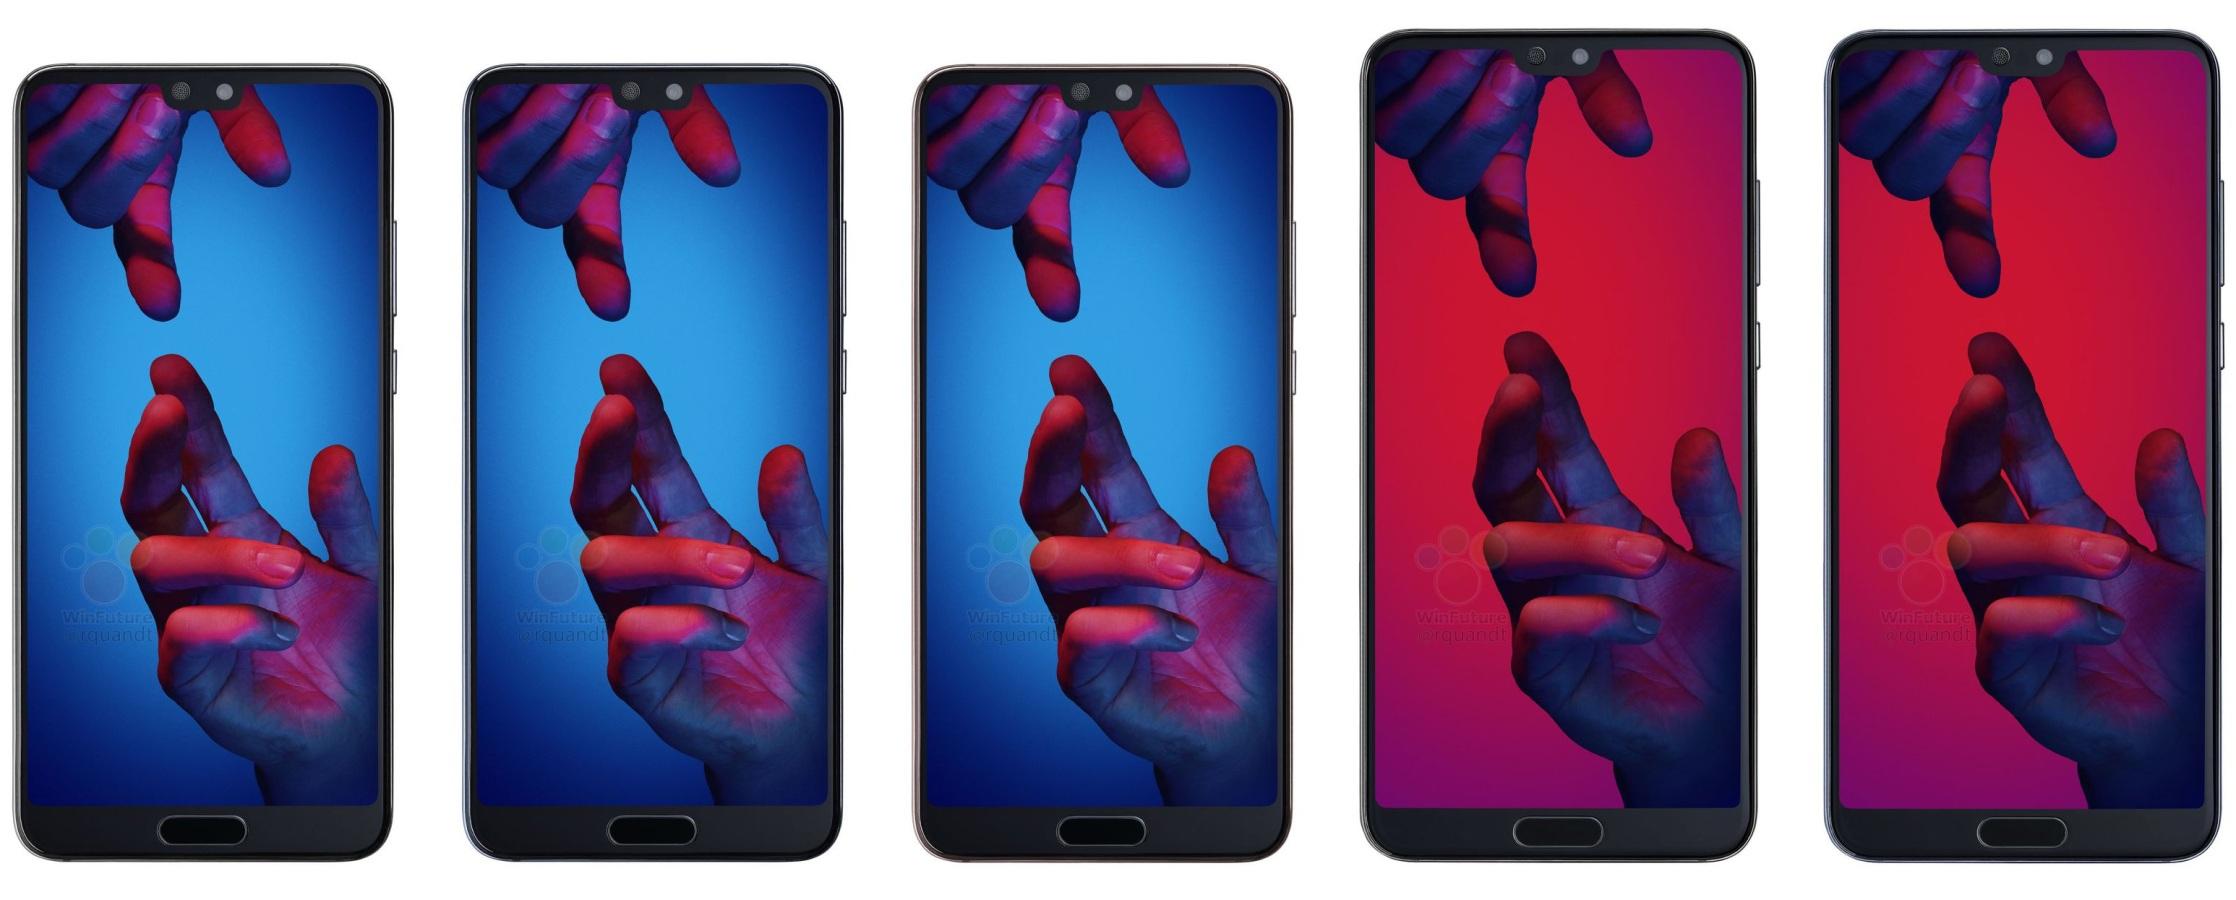 Huawei P20 kostet 679 Euro, P20 Pro wird in Europa 899 Euro kosten